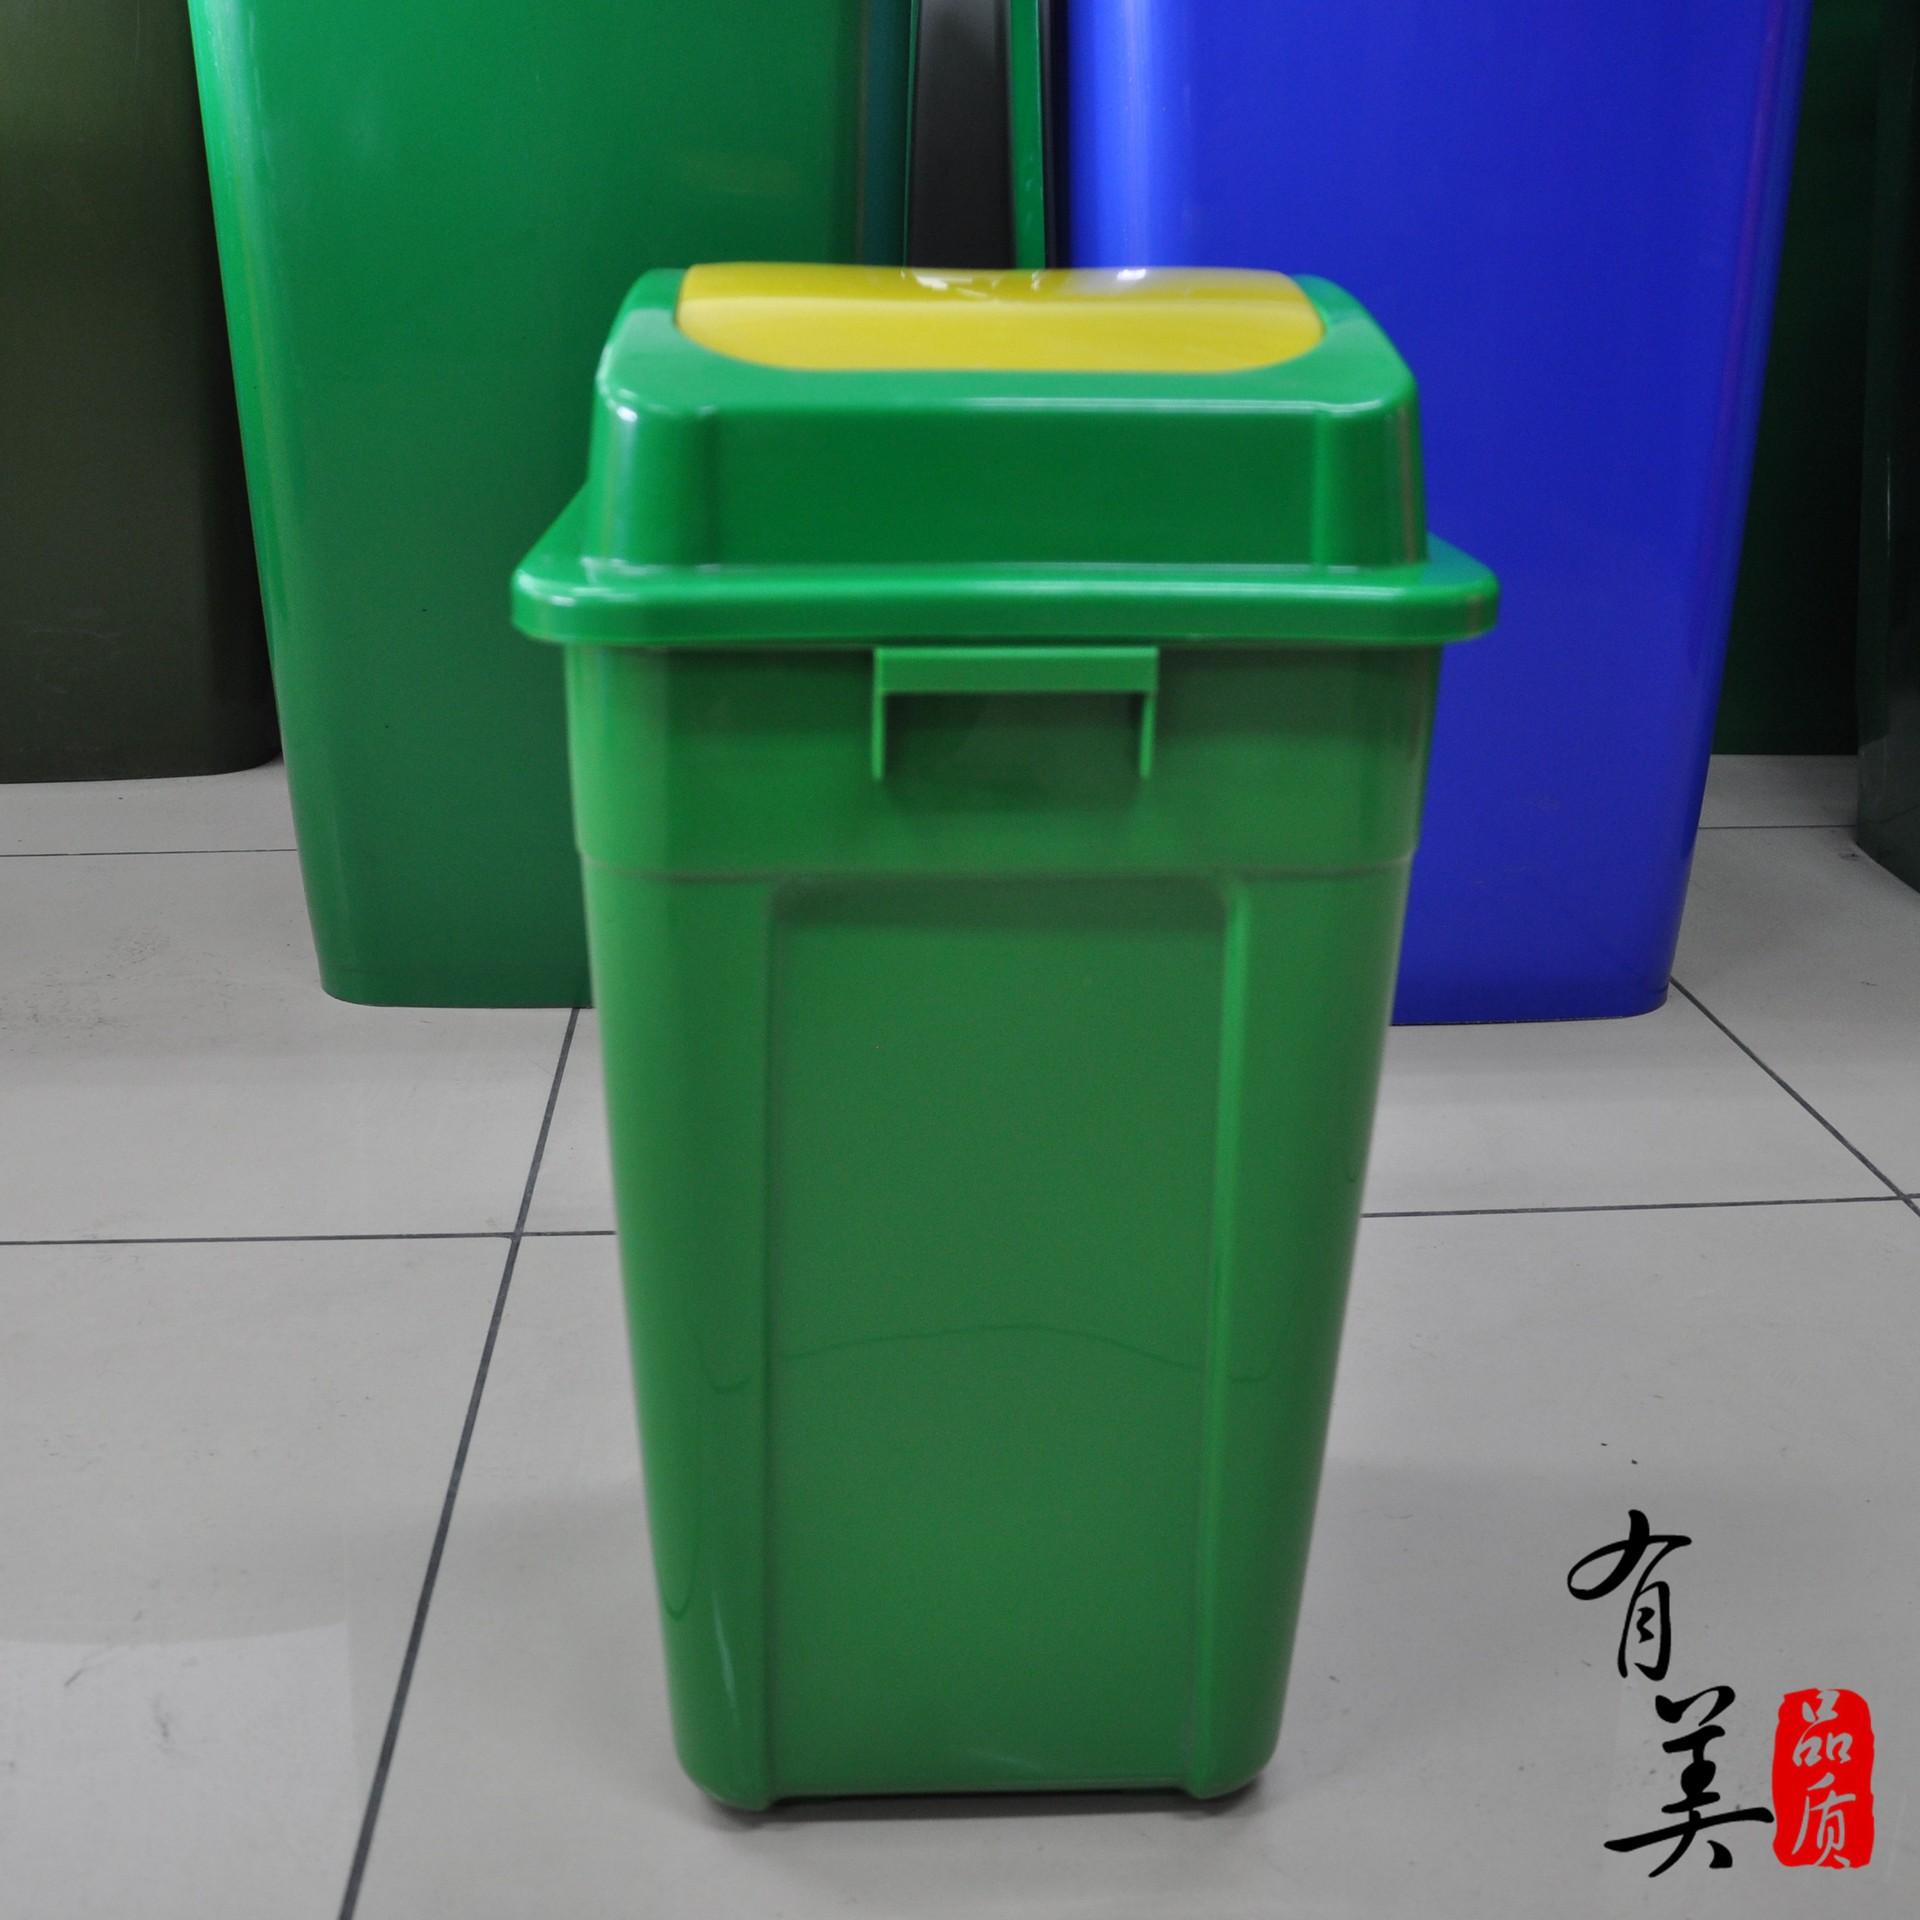 北京30l塑料垃圾桶 室内教室酒店客房户外可翻盖垃圾